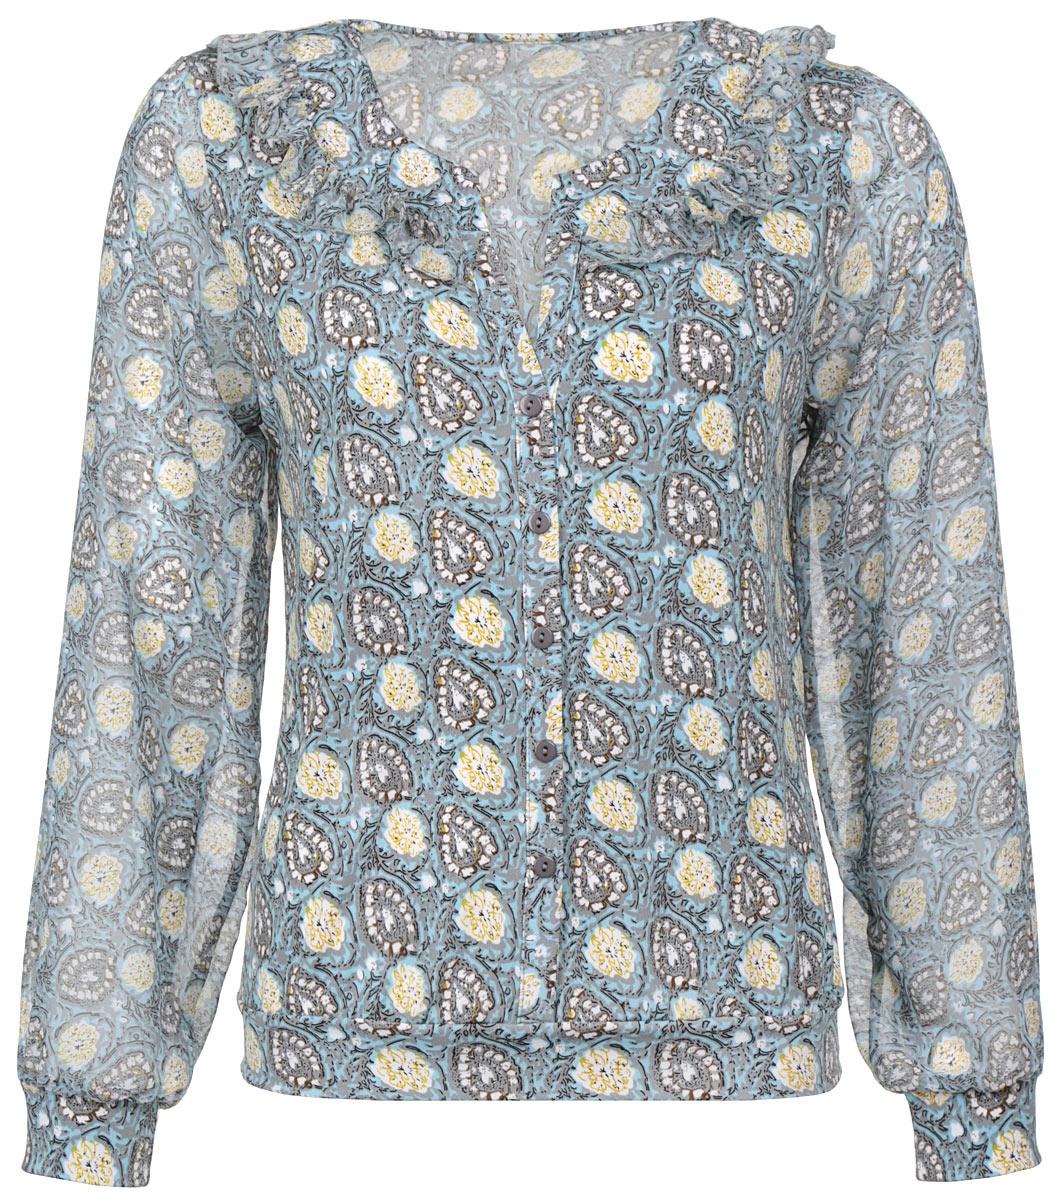 Блузка женская. 1343-6241343-624Очаровательная женская блузка Milana Style, выполненная из синтетического материала ПАН с добавлением эластана, подчеркнет ваш уникальный стиль и поможет создать оригинальный женственный образ. Материал очень легкий, мягкий и приятный на ощупь, не сковывает движения и хорошо вентилируется. Блузка с длинными рукавами и V-образным воротником оформлена этническим рисунком. Модель дополнена по линии выреза горловины сборкой и эффектом застежки на пуговицы по всей длине изделия. Присборенные у манжета рукава выполнены из полупрозрачного материала, сами манжеты эластичные. Модная блузка займет достойное место в вашем гардеробе.